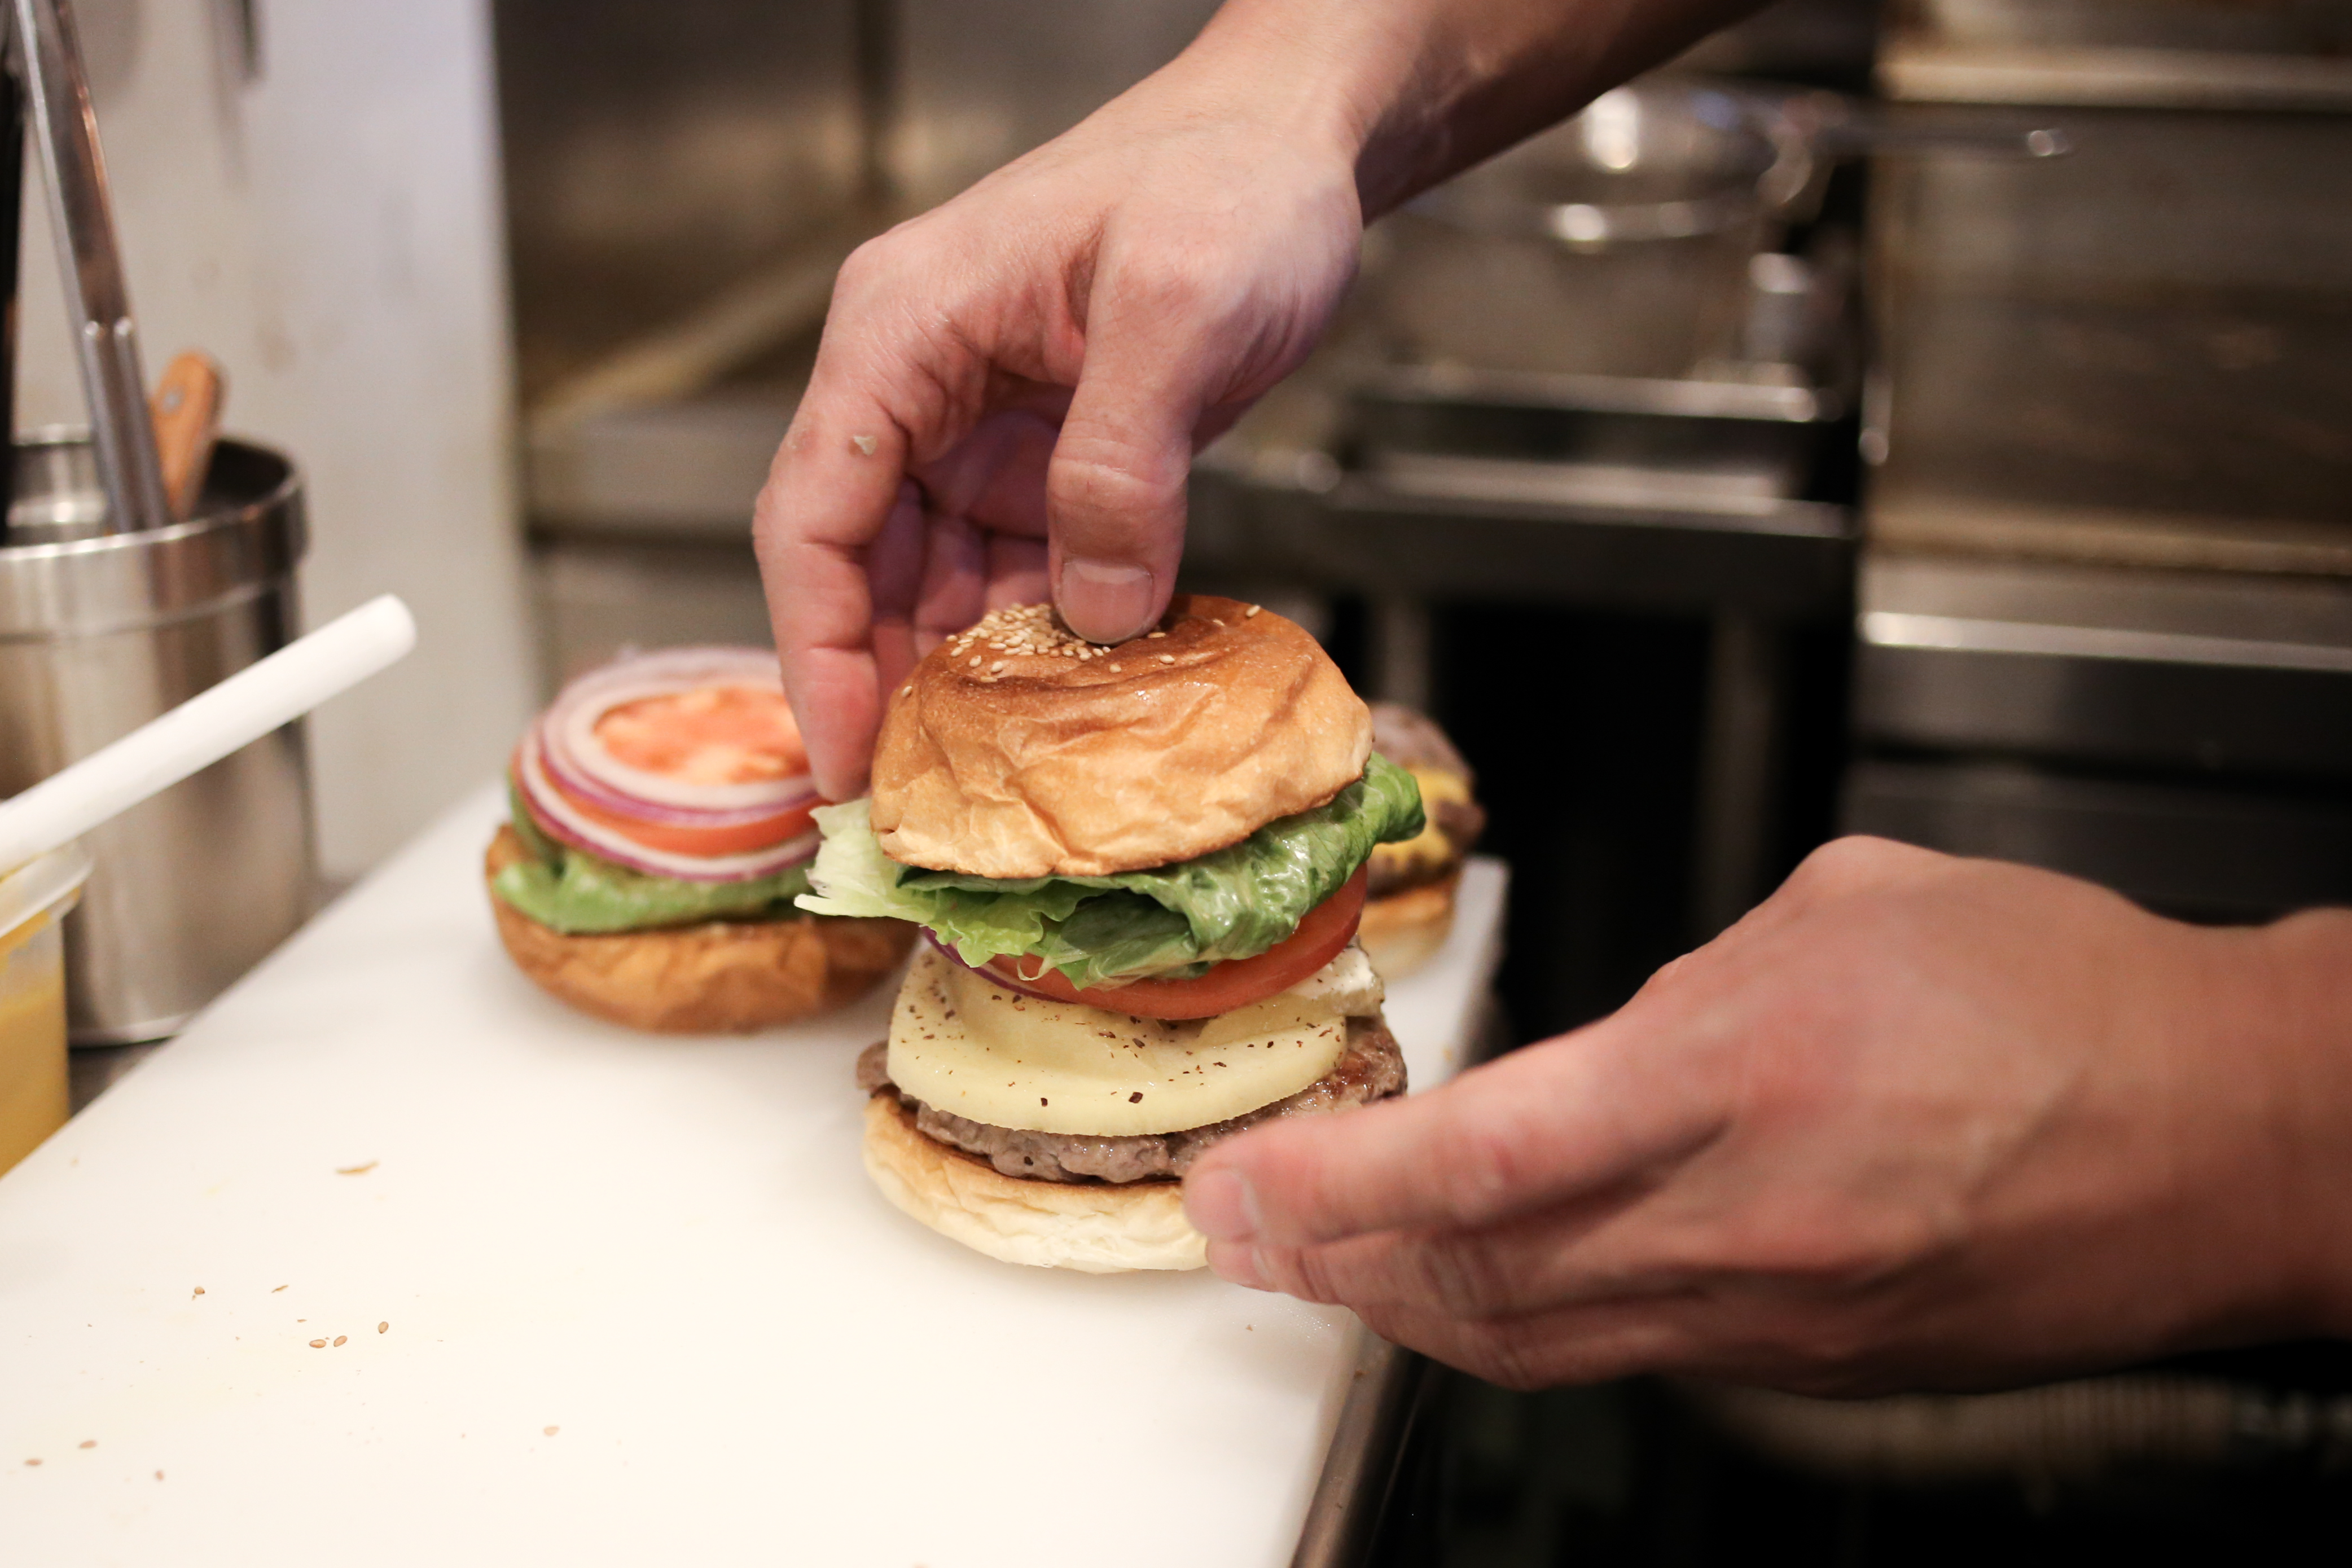 すべての食材を同時に食べられるように、パティのサイズに合わせて、中にはさむ食材の大きさも調整されています。